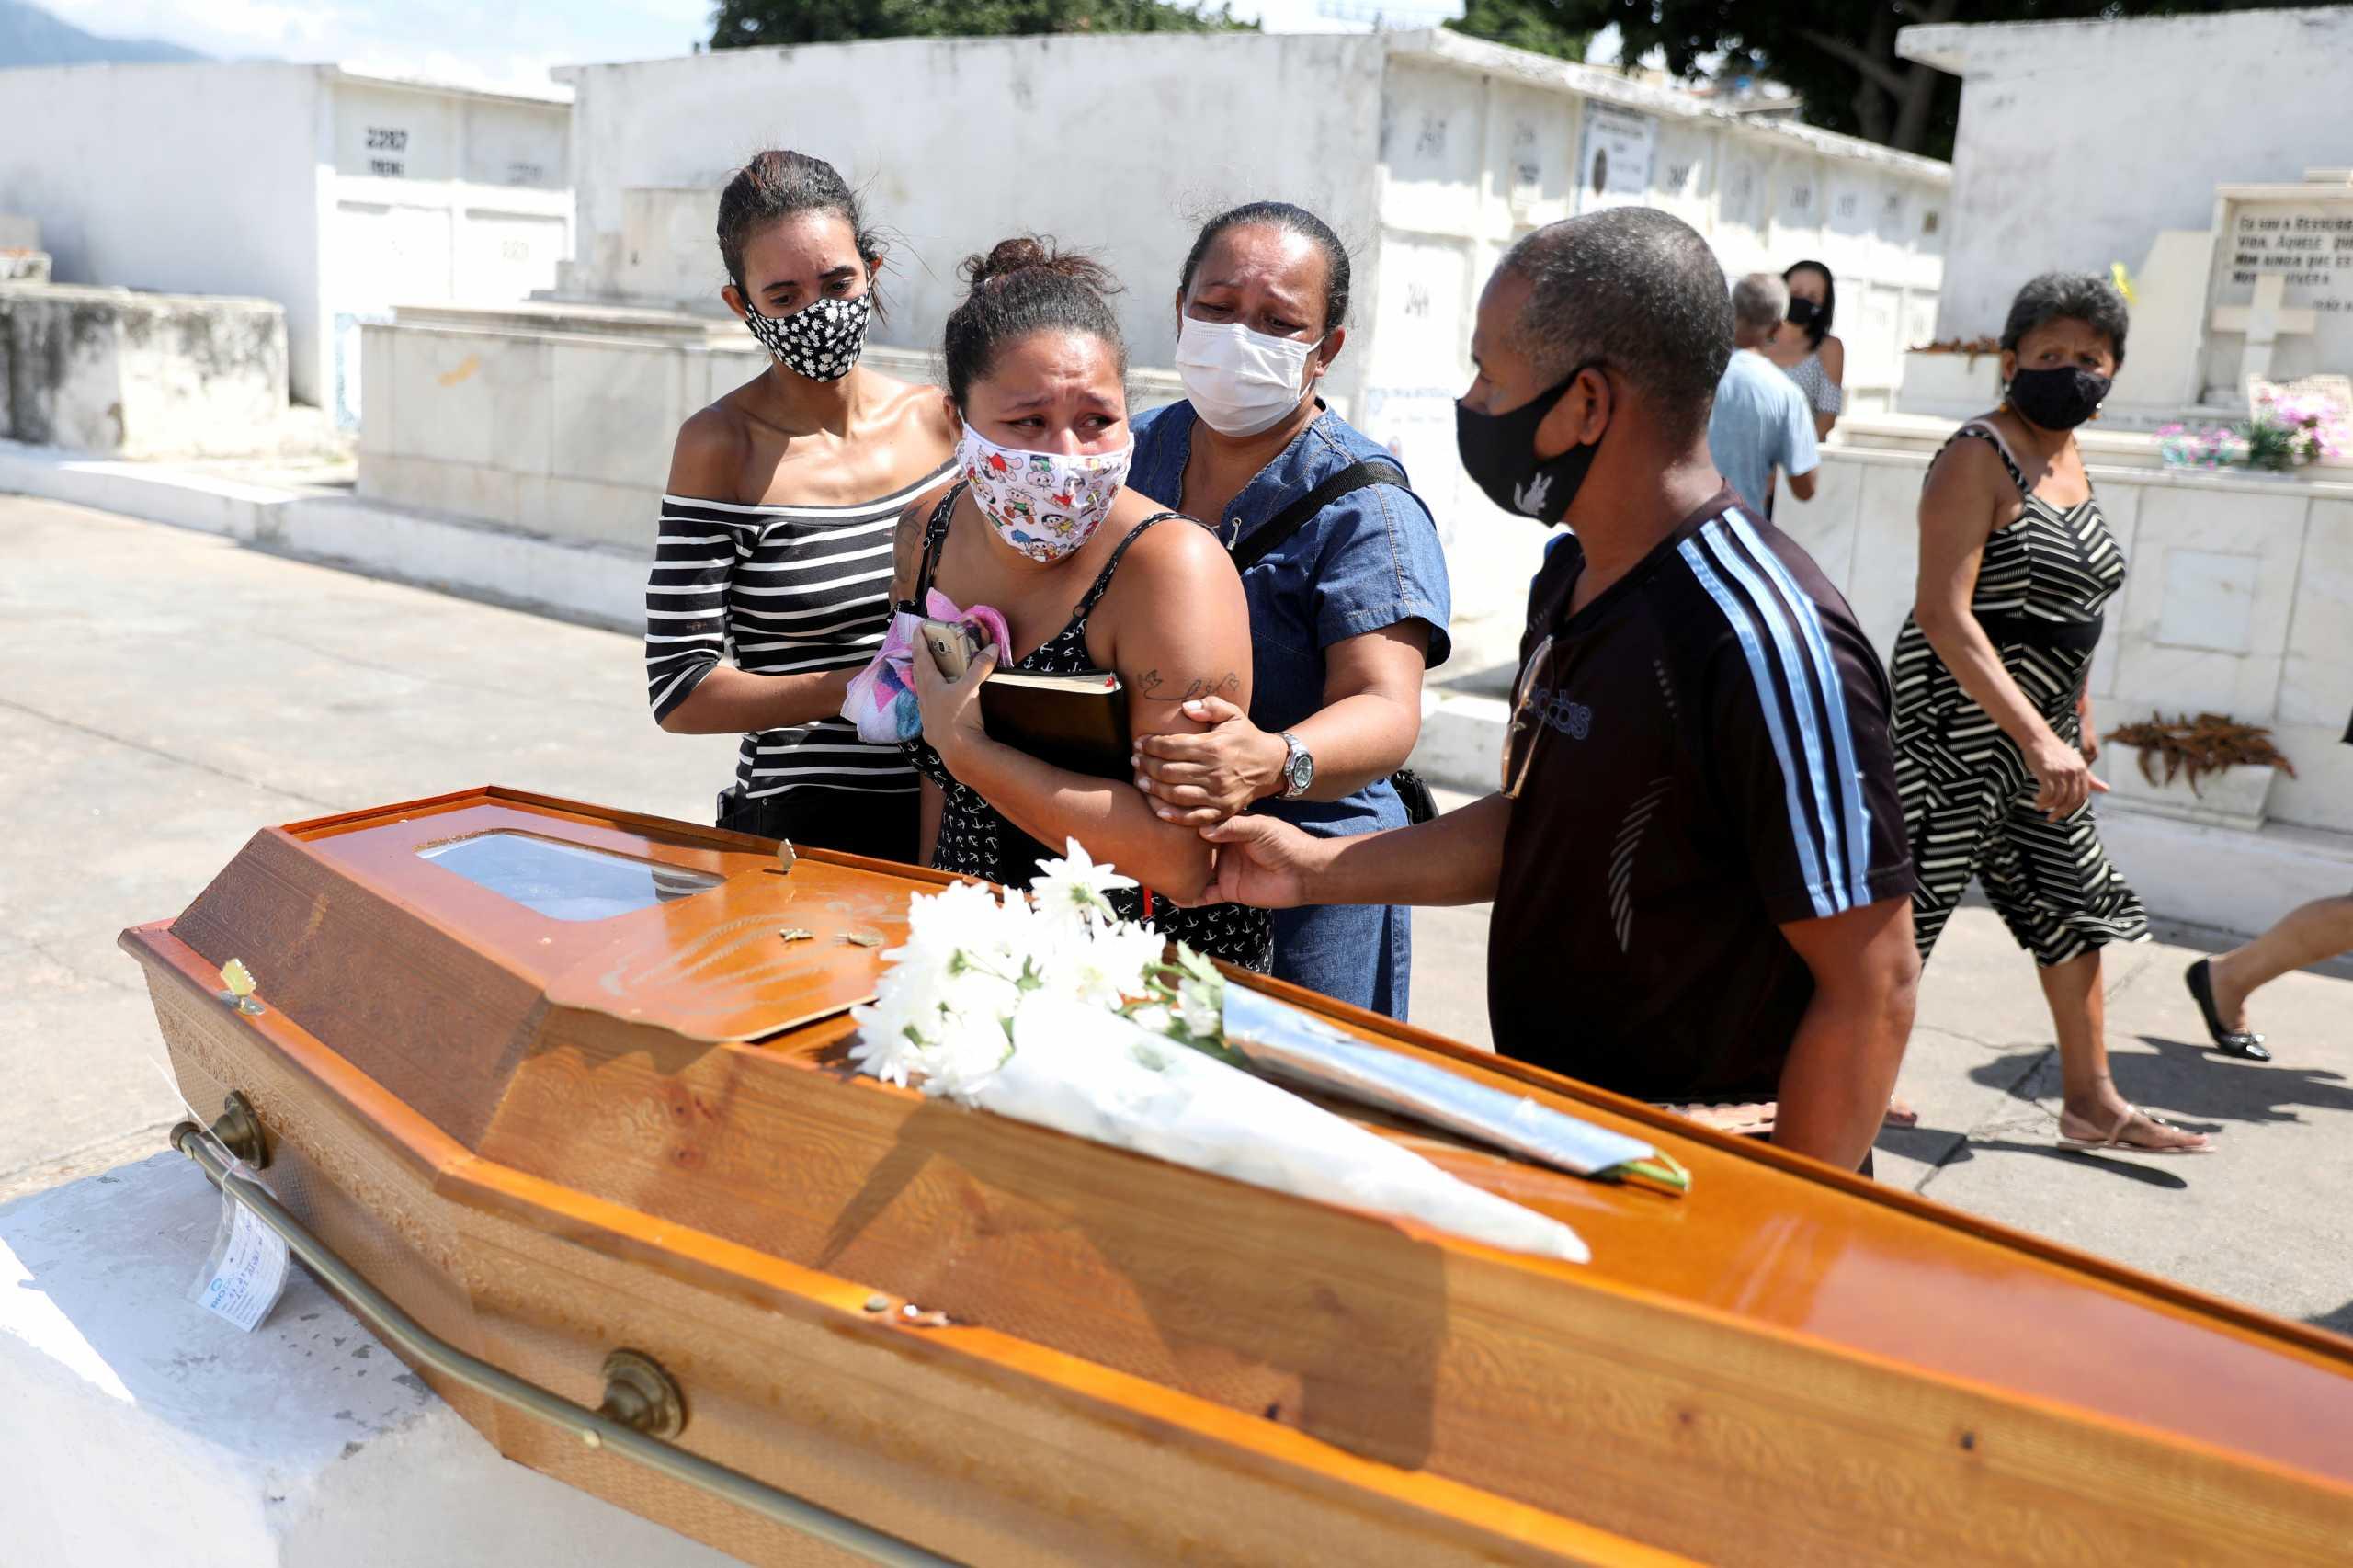 Κορονοϊός: Νέο μαύρο ρεκόρ στη Βραζιλία – 4.000 νεκροί σε μια μέρα, μεταφέρουν πτώματα με λεωφορεία